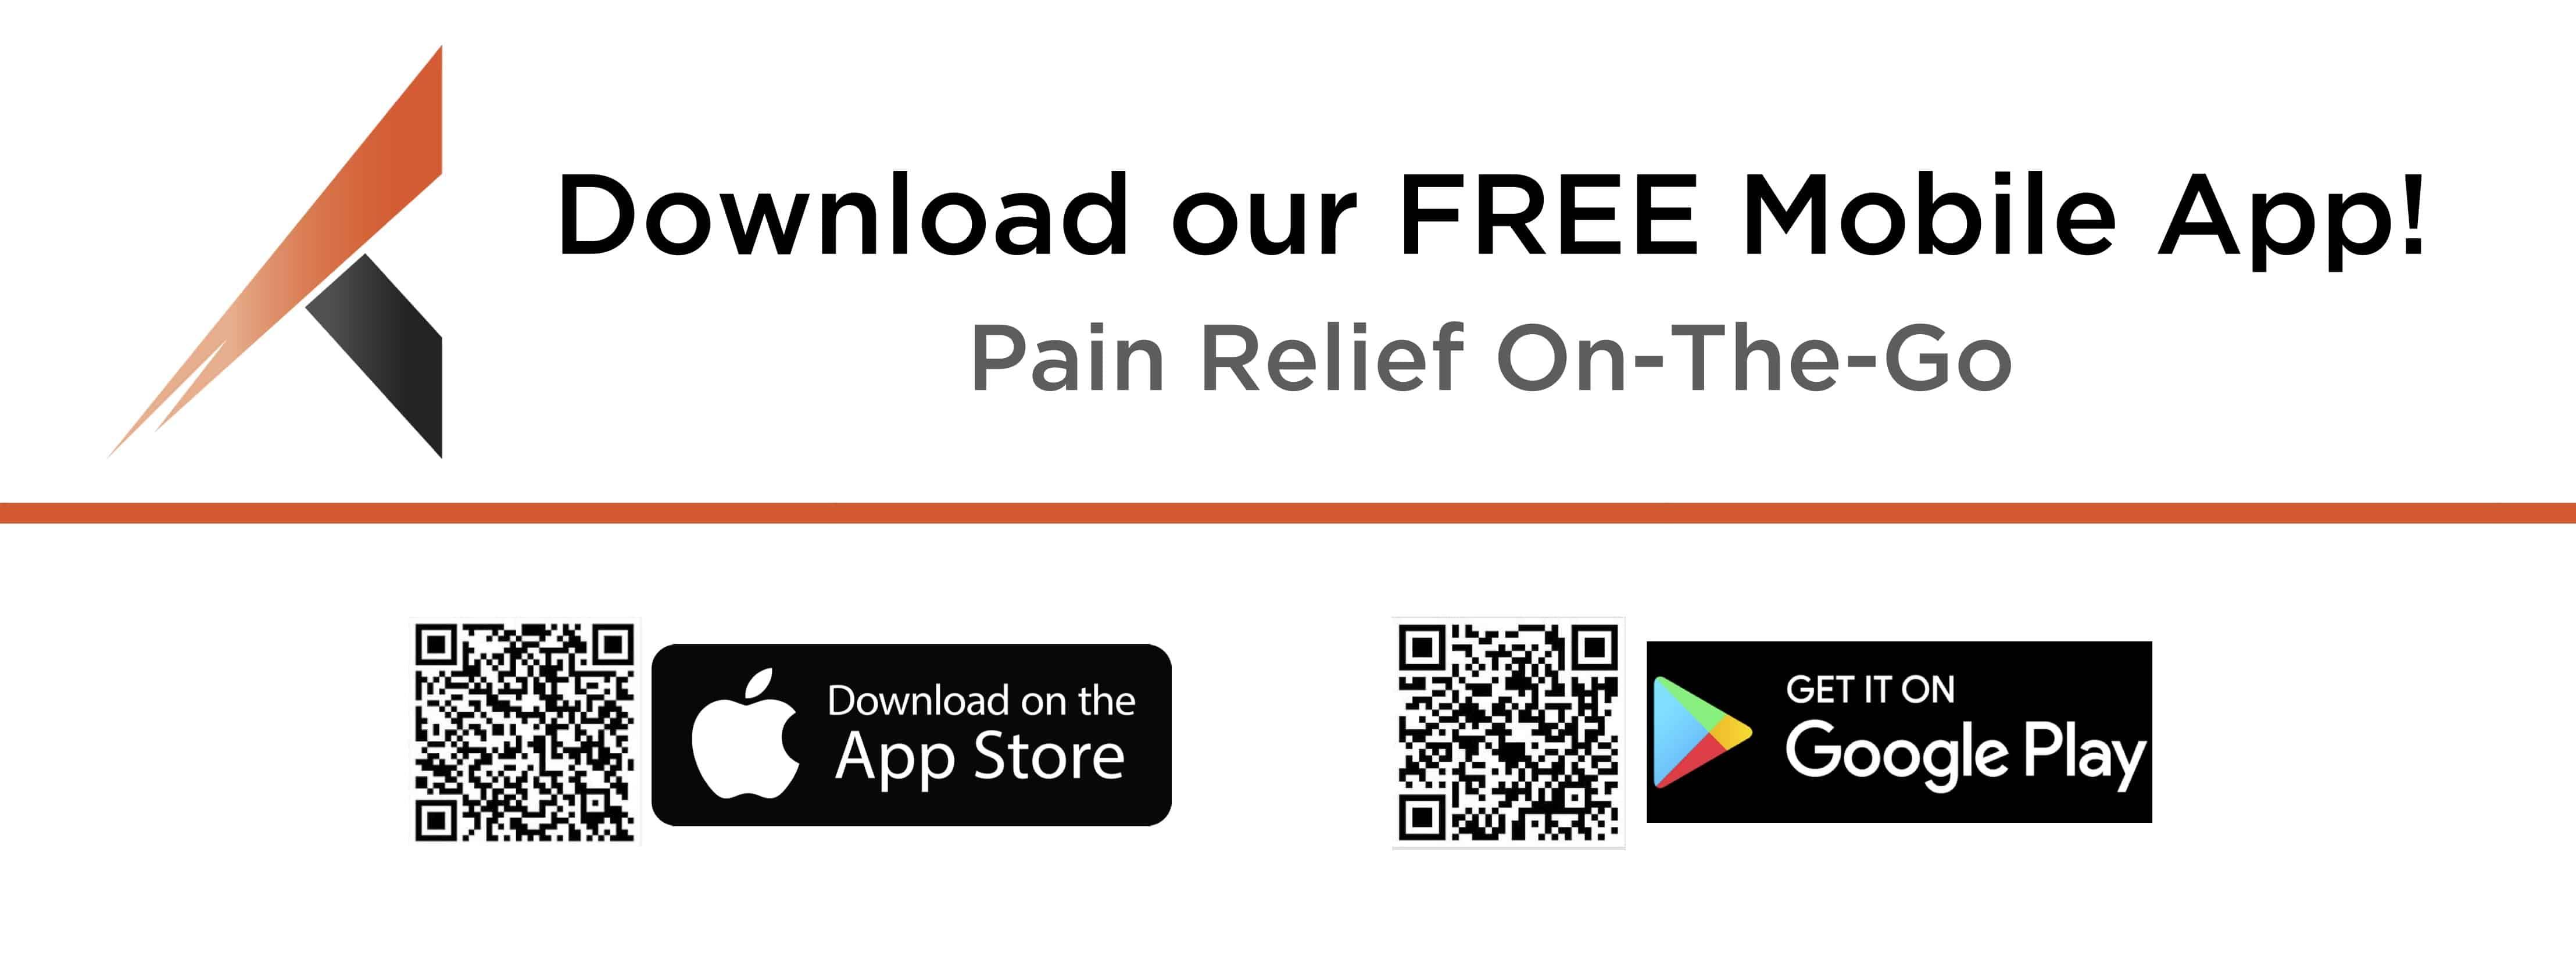 Kaizo Health App